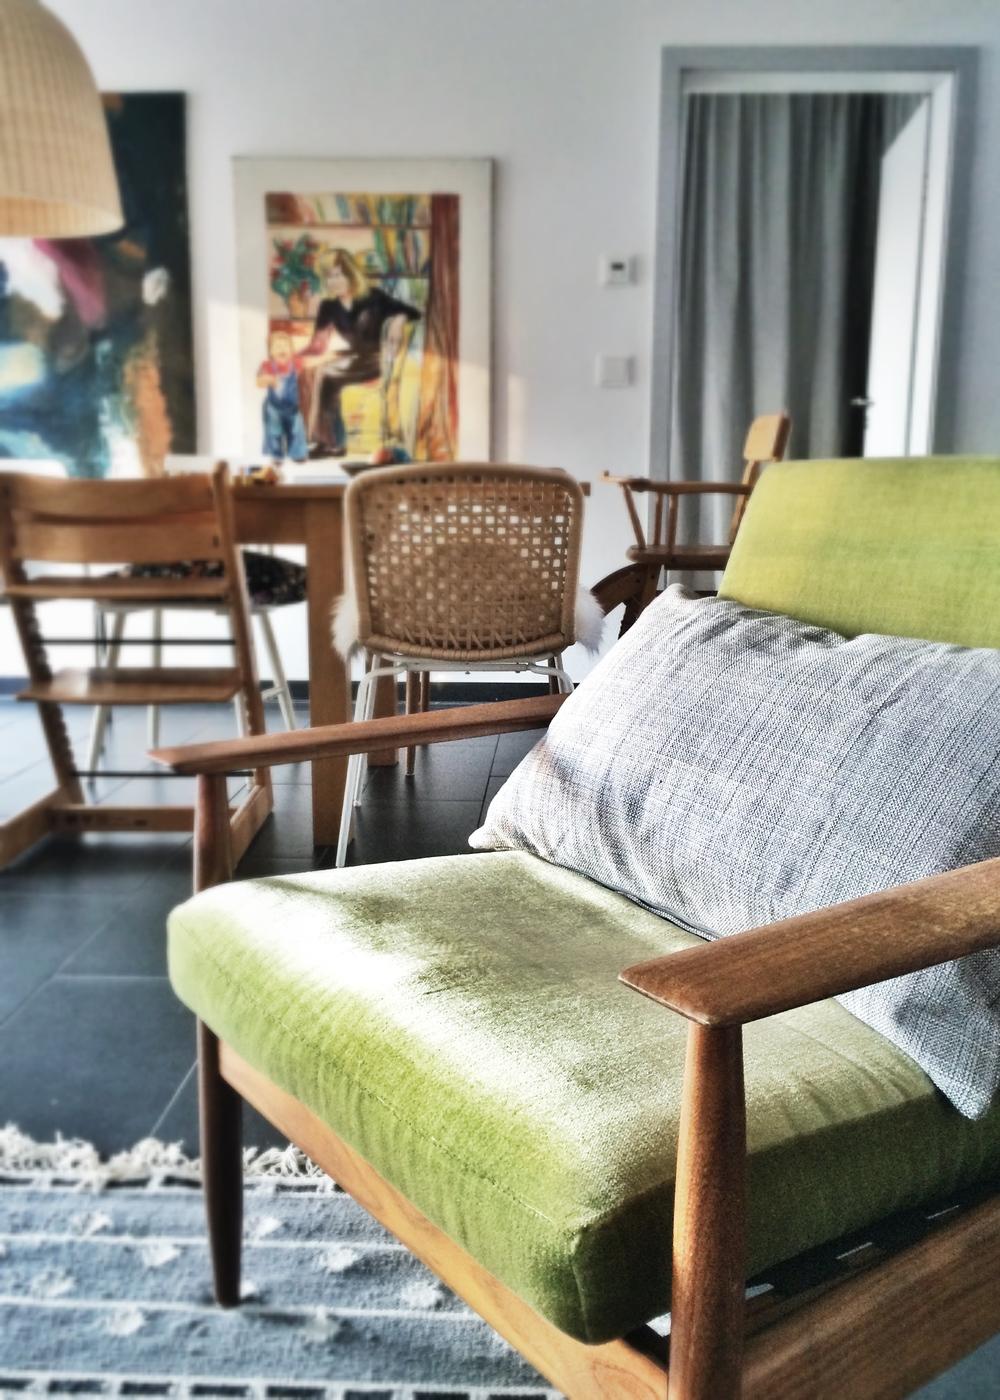 Der Sessel ist eine meiner wenigen Neuanschaffungen: Gefunden über eBay Kleinanzeigen, stammt er aus meiner alten Heimat HH-Ottensen